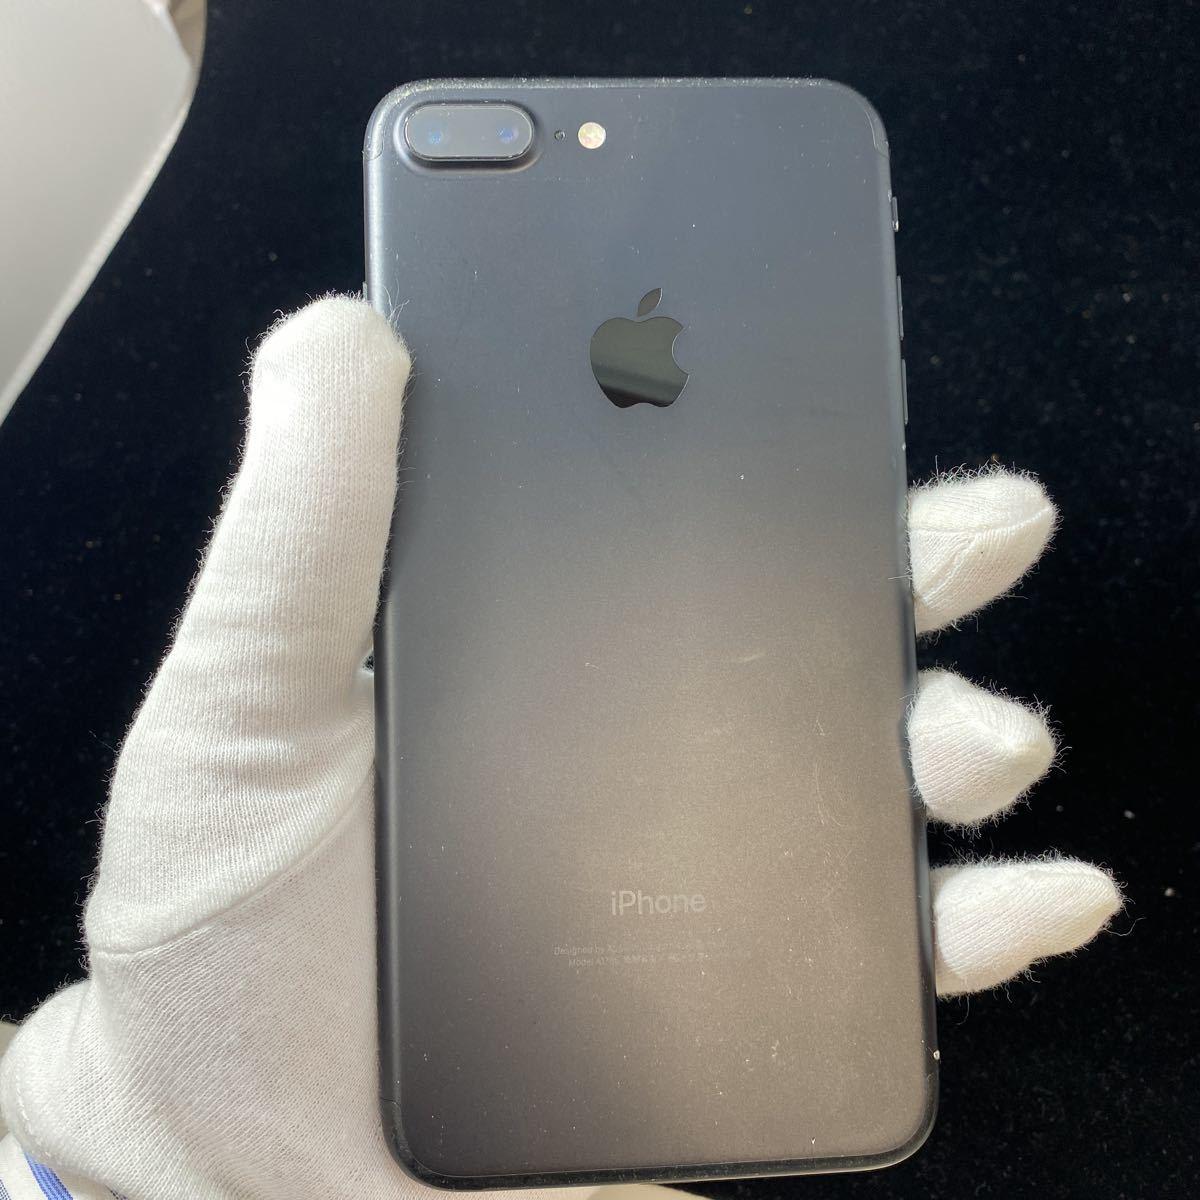 SIMフリー iPhone7 Plus 128GB Jet Black シムフリー アイフォン7 プラス ジェットブラック 黒 本体_画像5